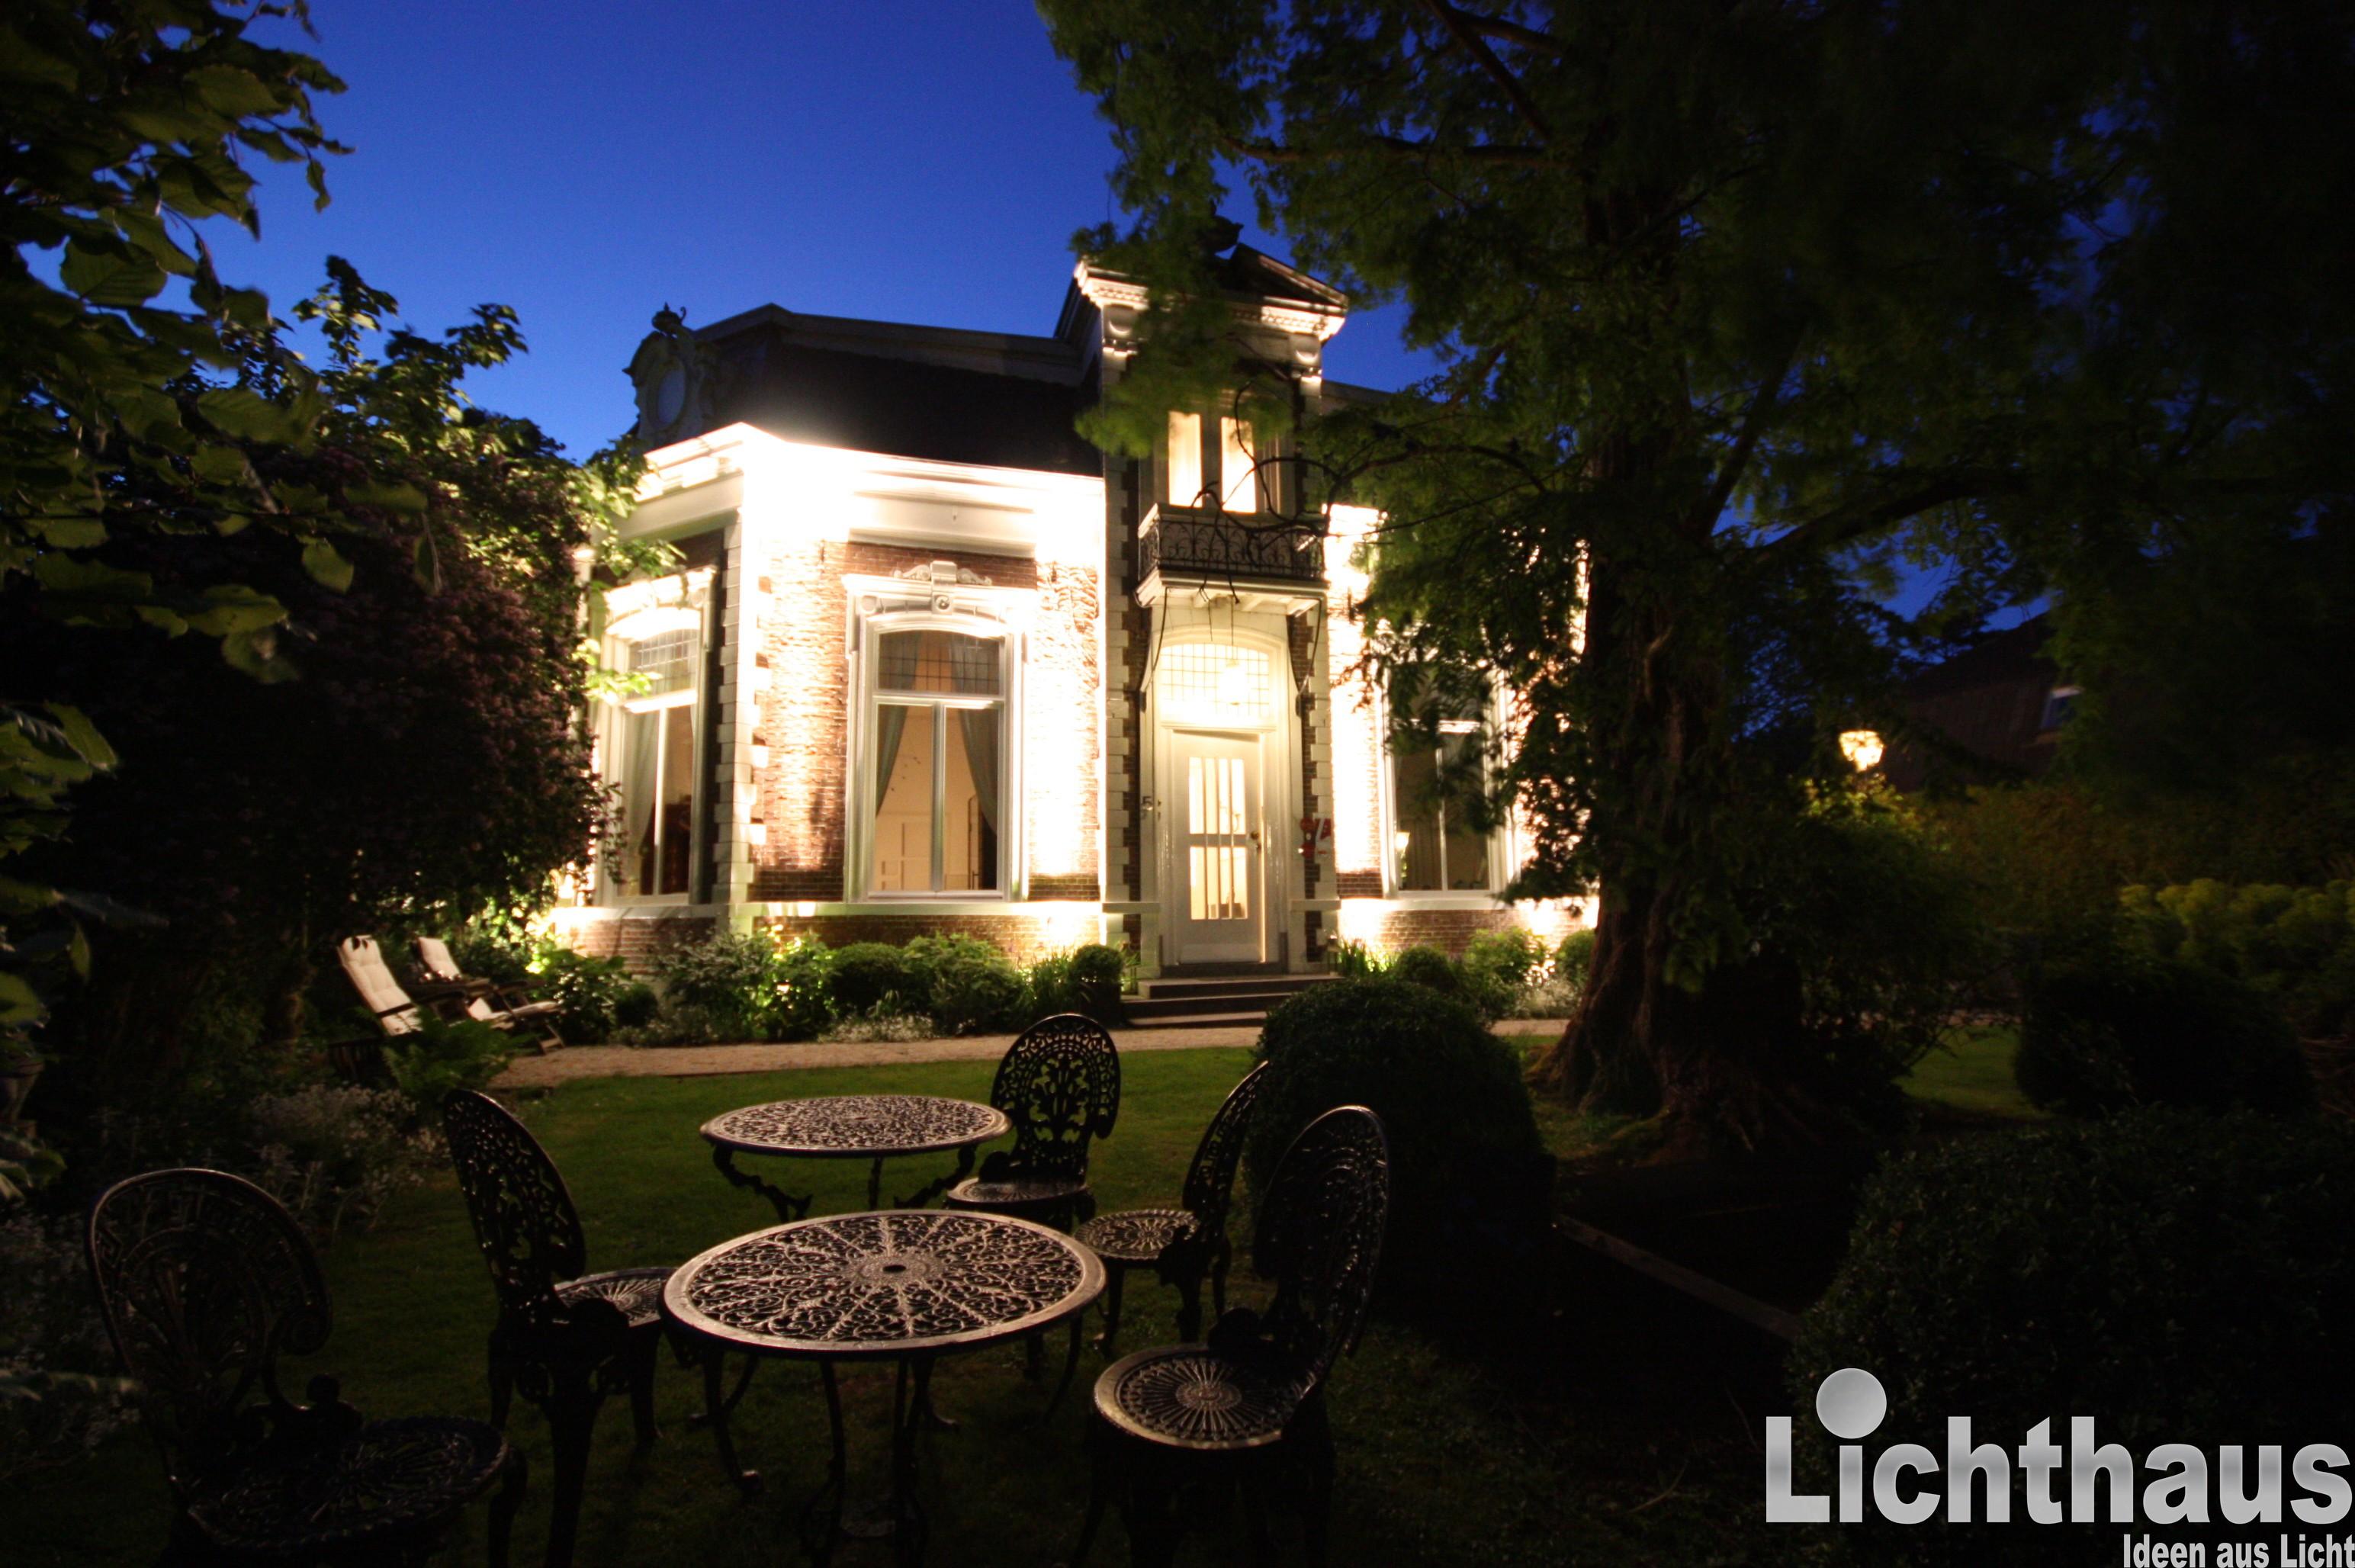 Geräumig Gartenbeleuchtung Ideen Galerie Von Außen &